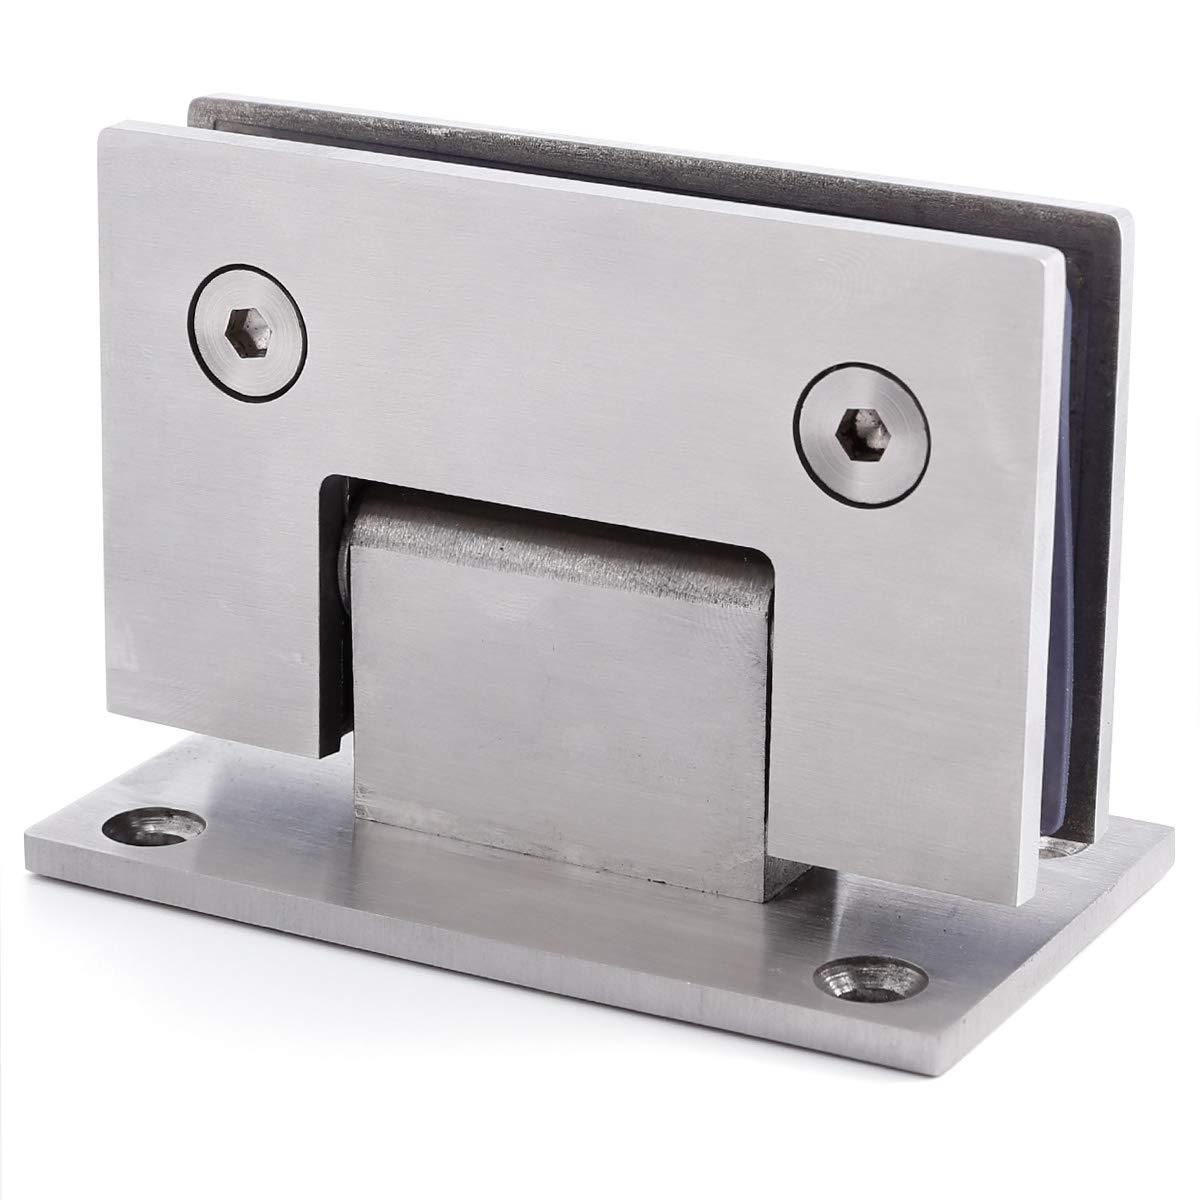 Edelstahl 8-12mm Glastür Scharnier Duschtür Türbeschlag Band Türbeschläge Beschlag